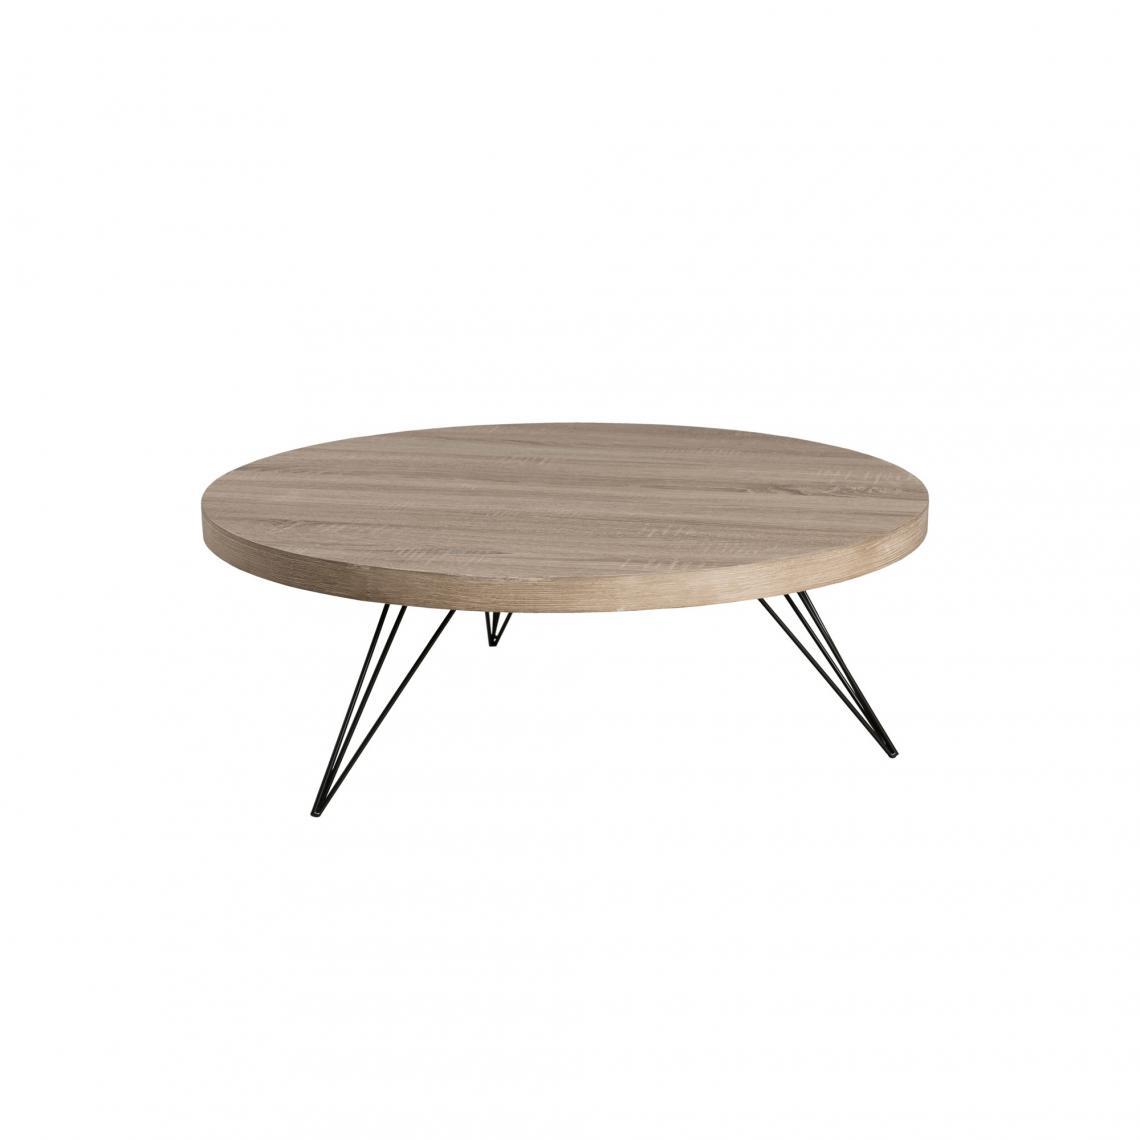 table basse ronde pieds pingle en m tal scandi naturel. Black Bedroom Furniture Sets. Home Design Ideas